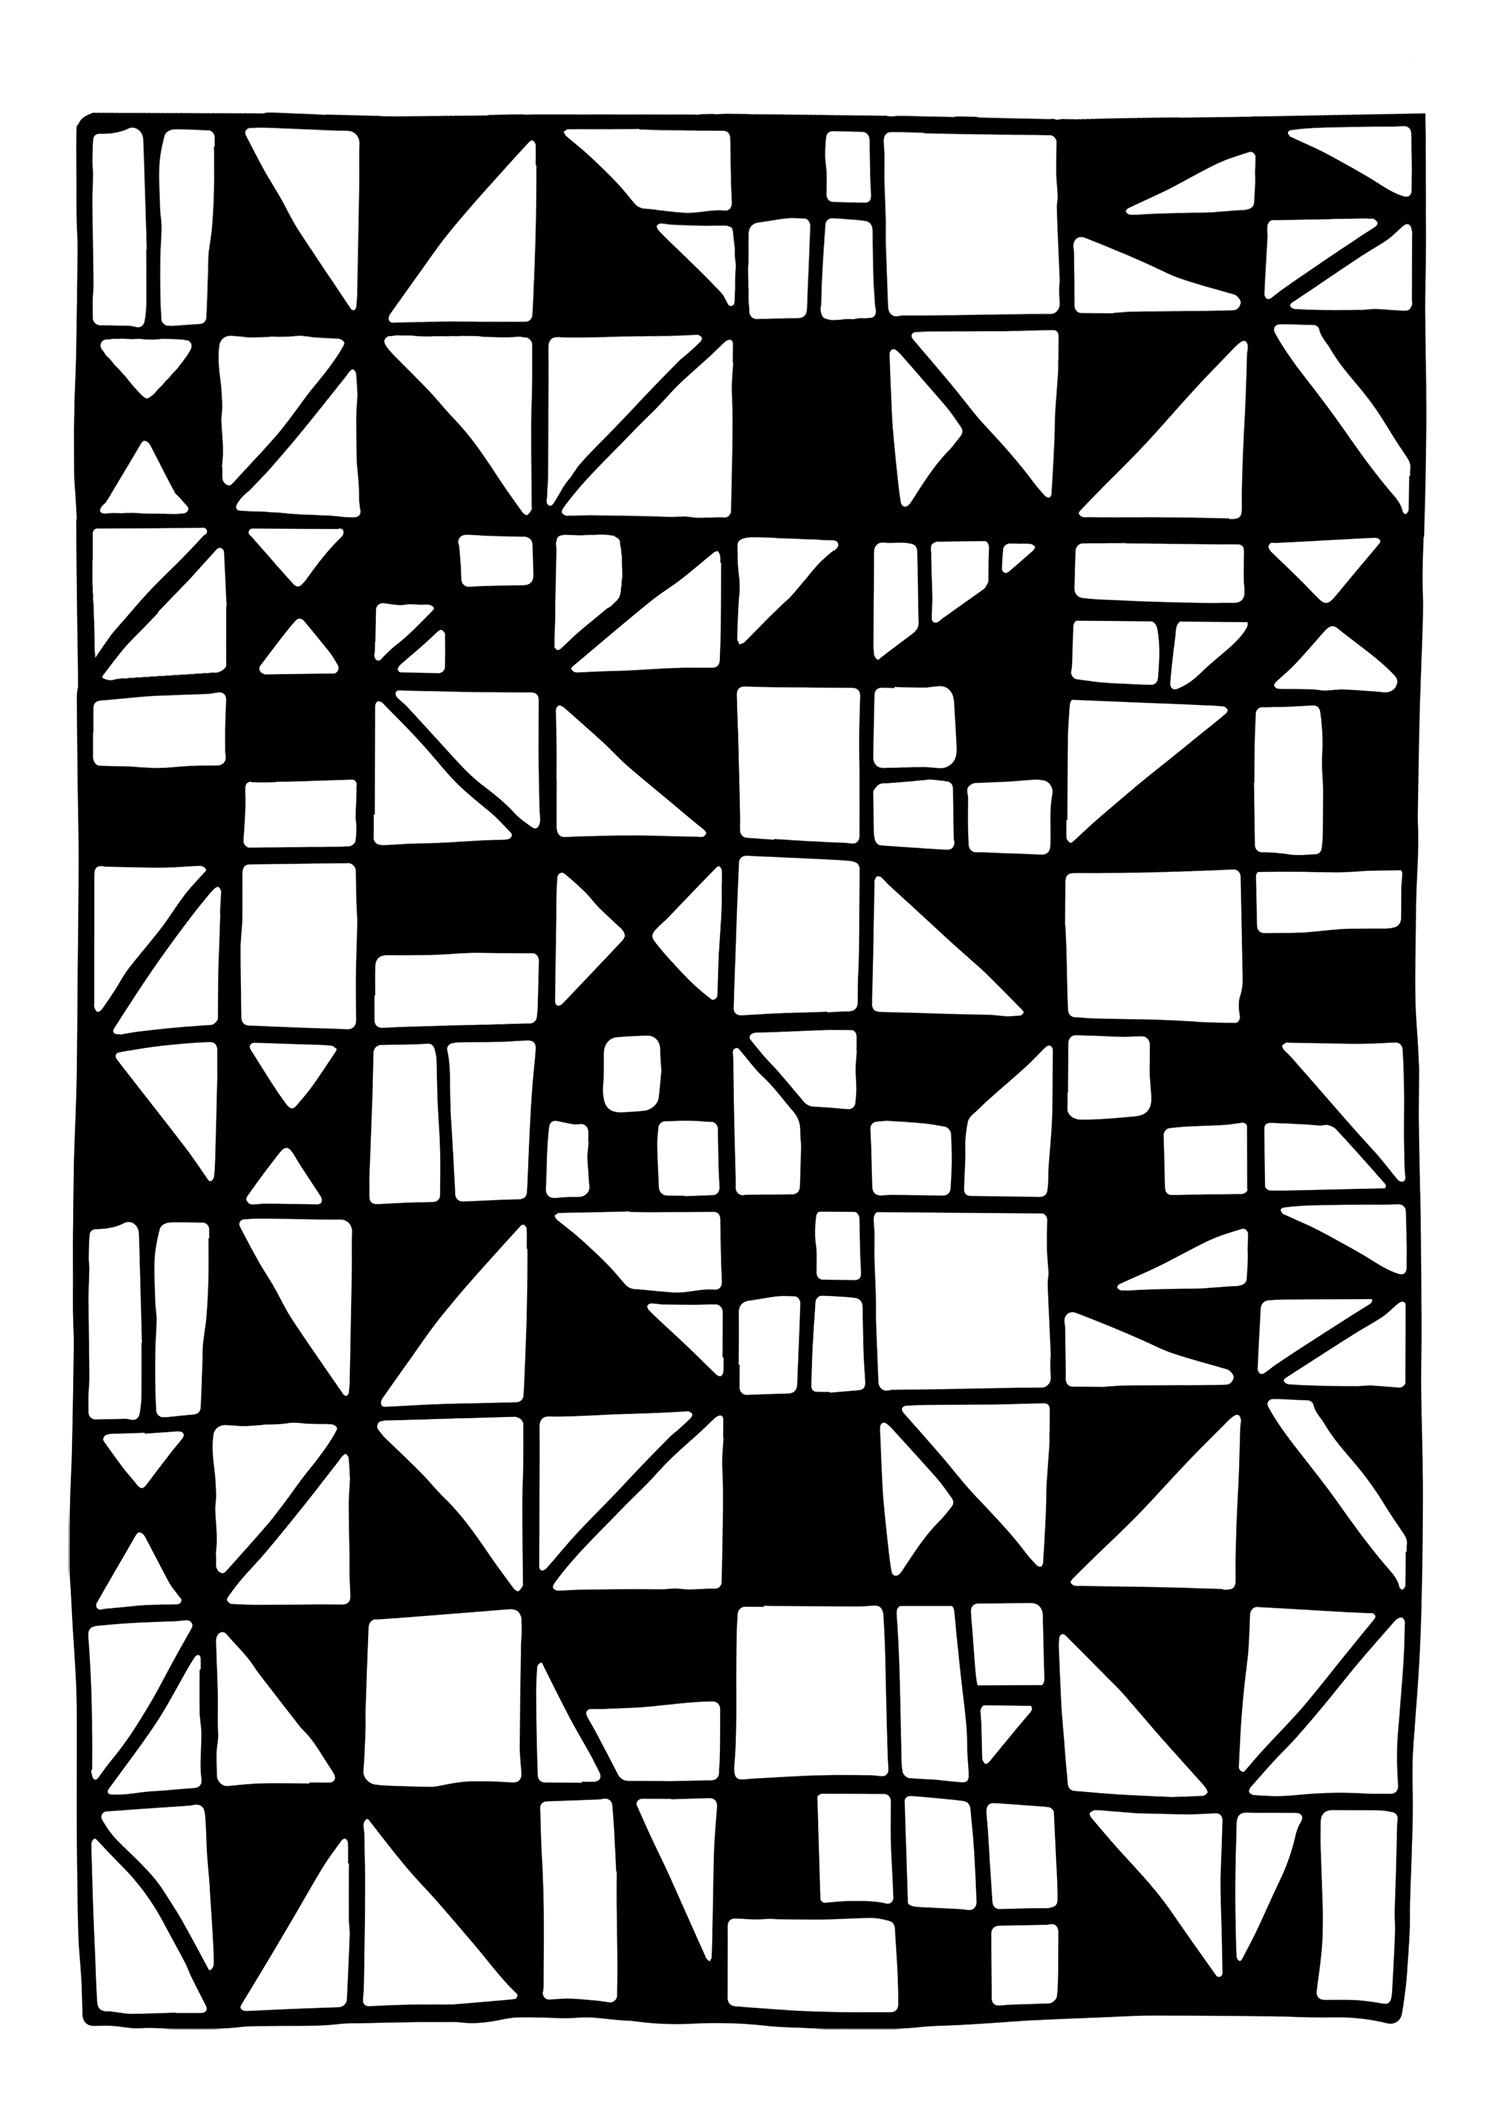 décalcomanie céramique motif géométrique